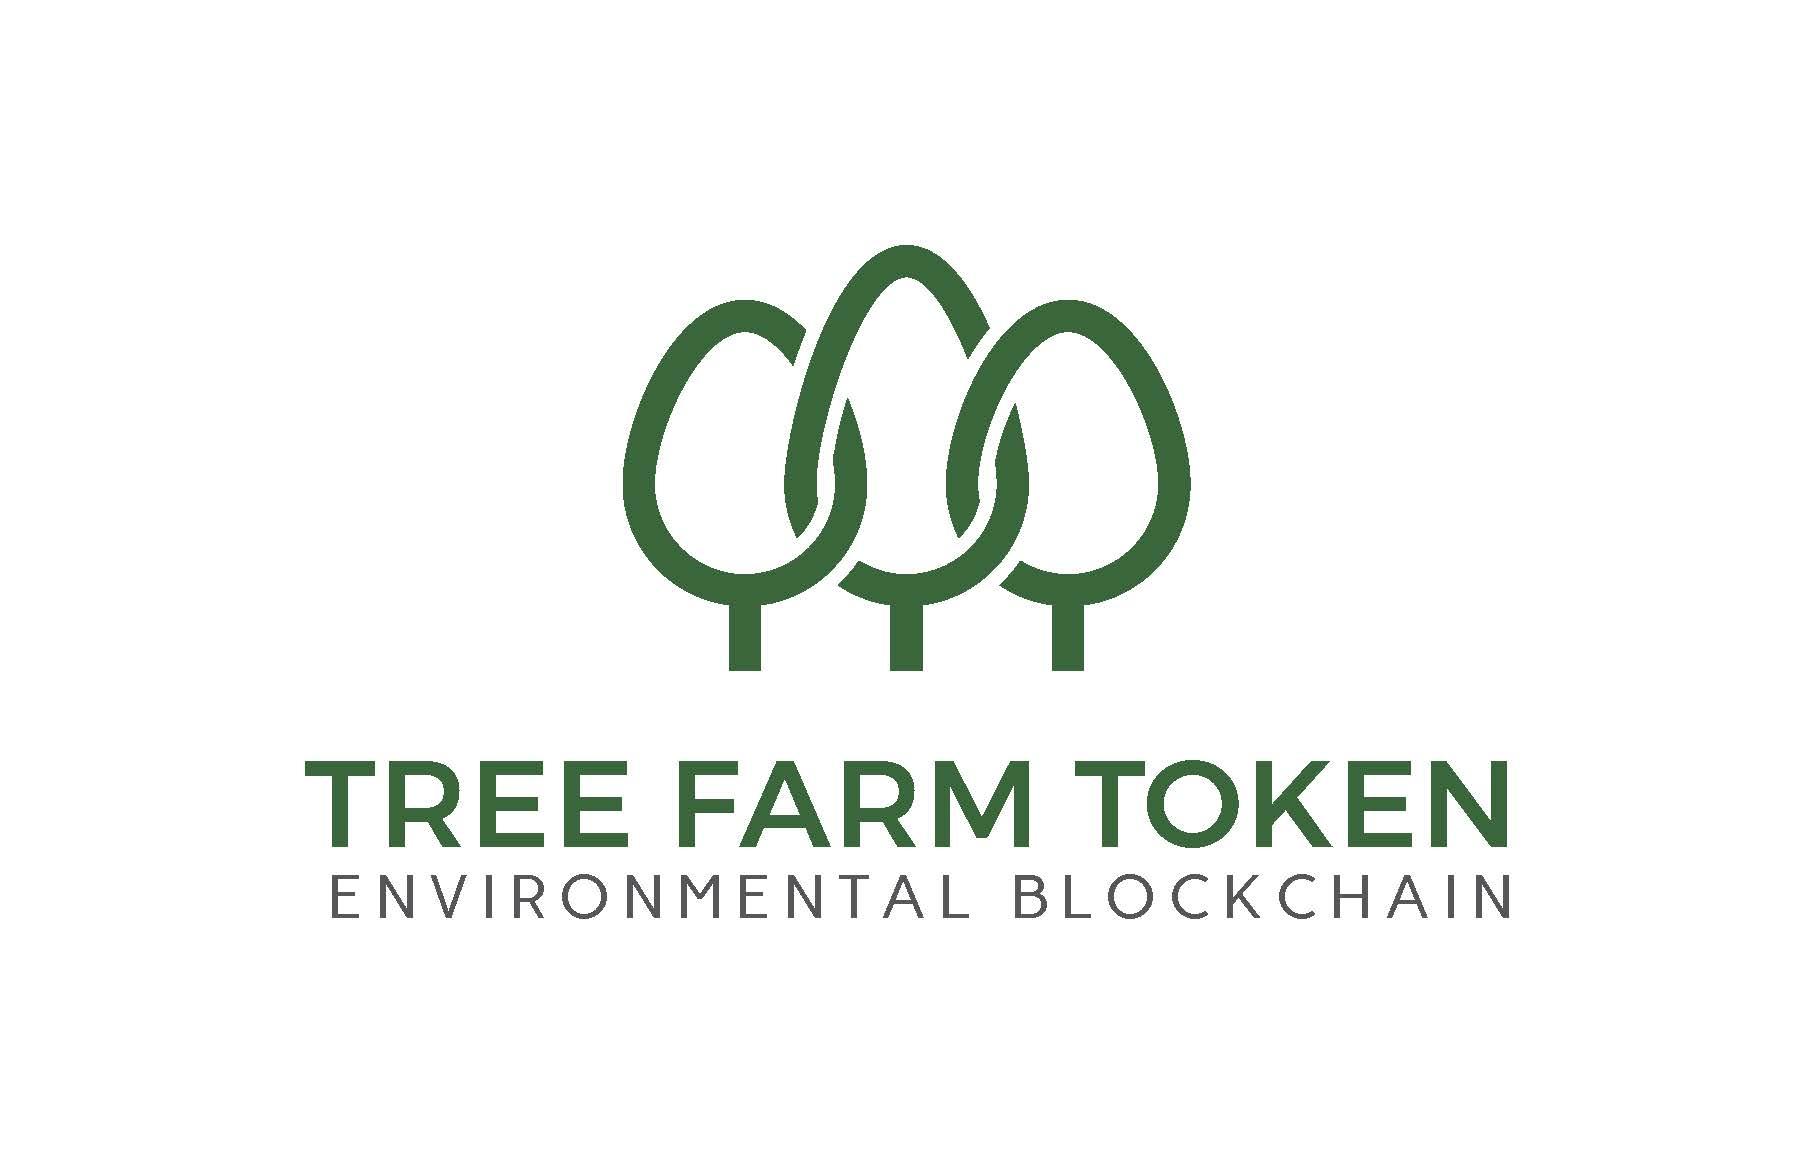 Tree Farm Token